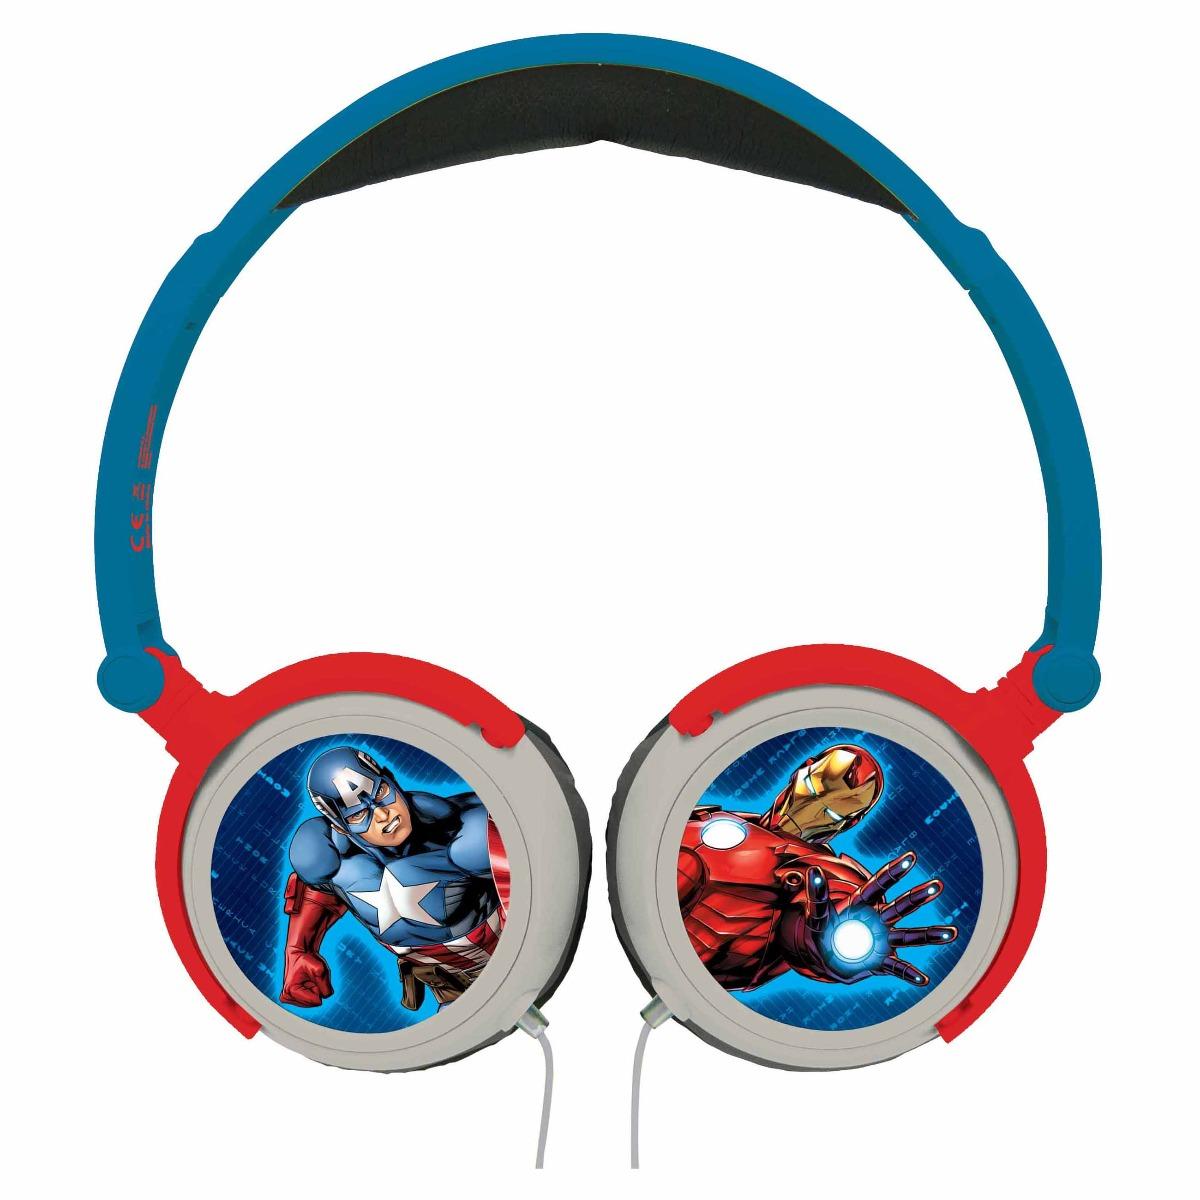 Casti audio cu fir pliabile, Avengers